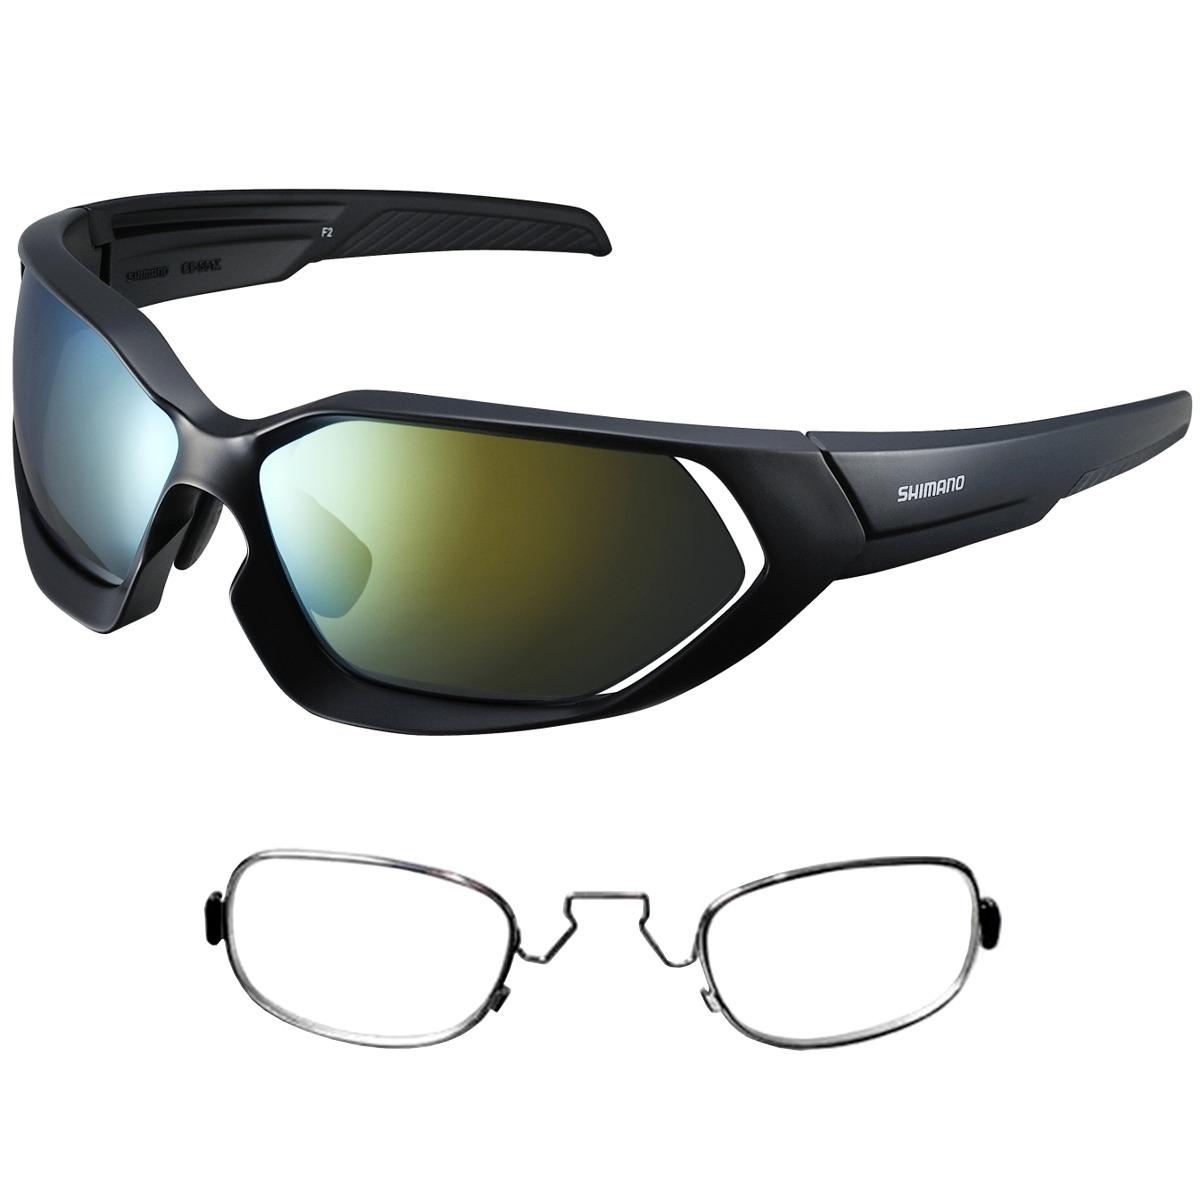 Óculos Shimano Ce-s51x Preto Fosco 3 Lentes + Rx Clip - R  334,90 em  Mercado Livre 6b804107e0